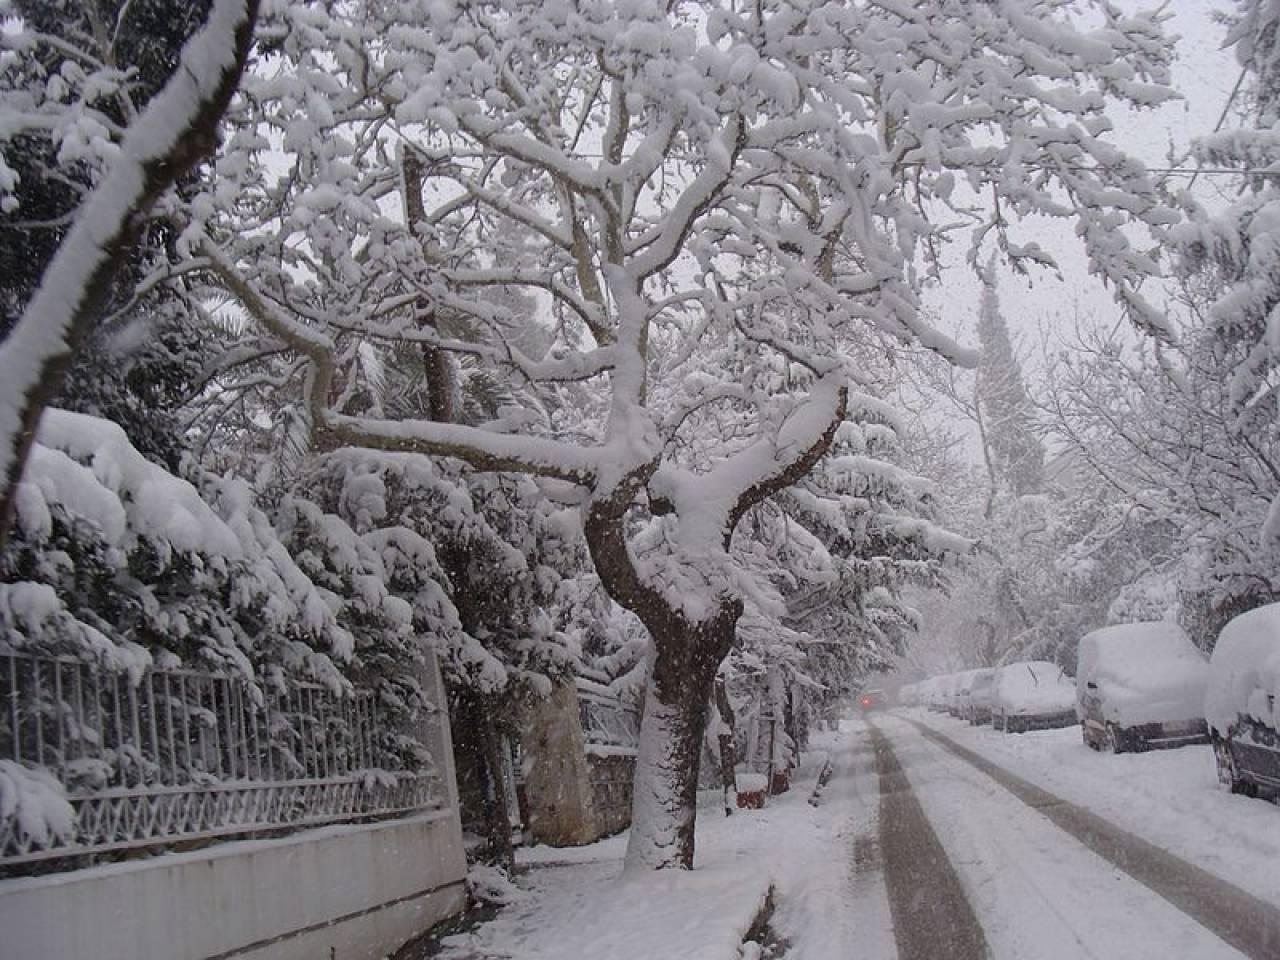 Neve anche in Grecia, abbondante ad Atene